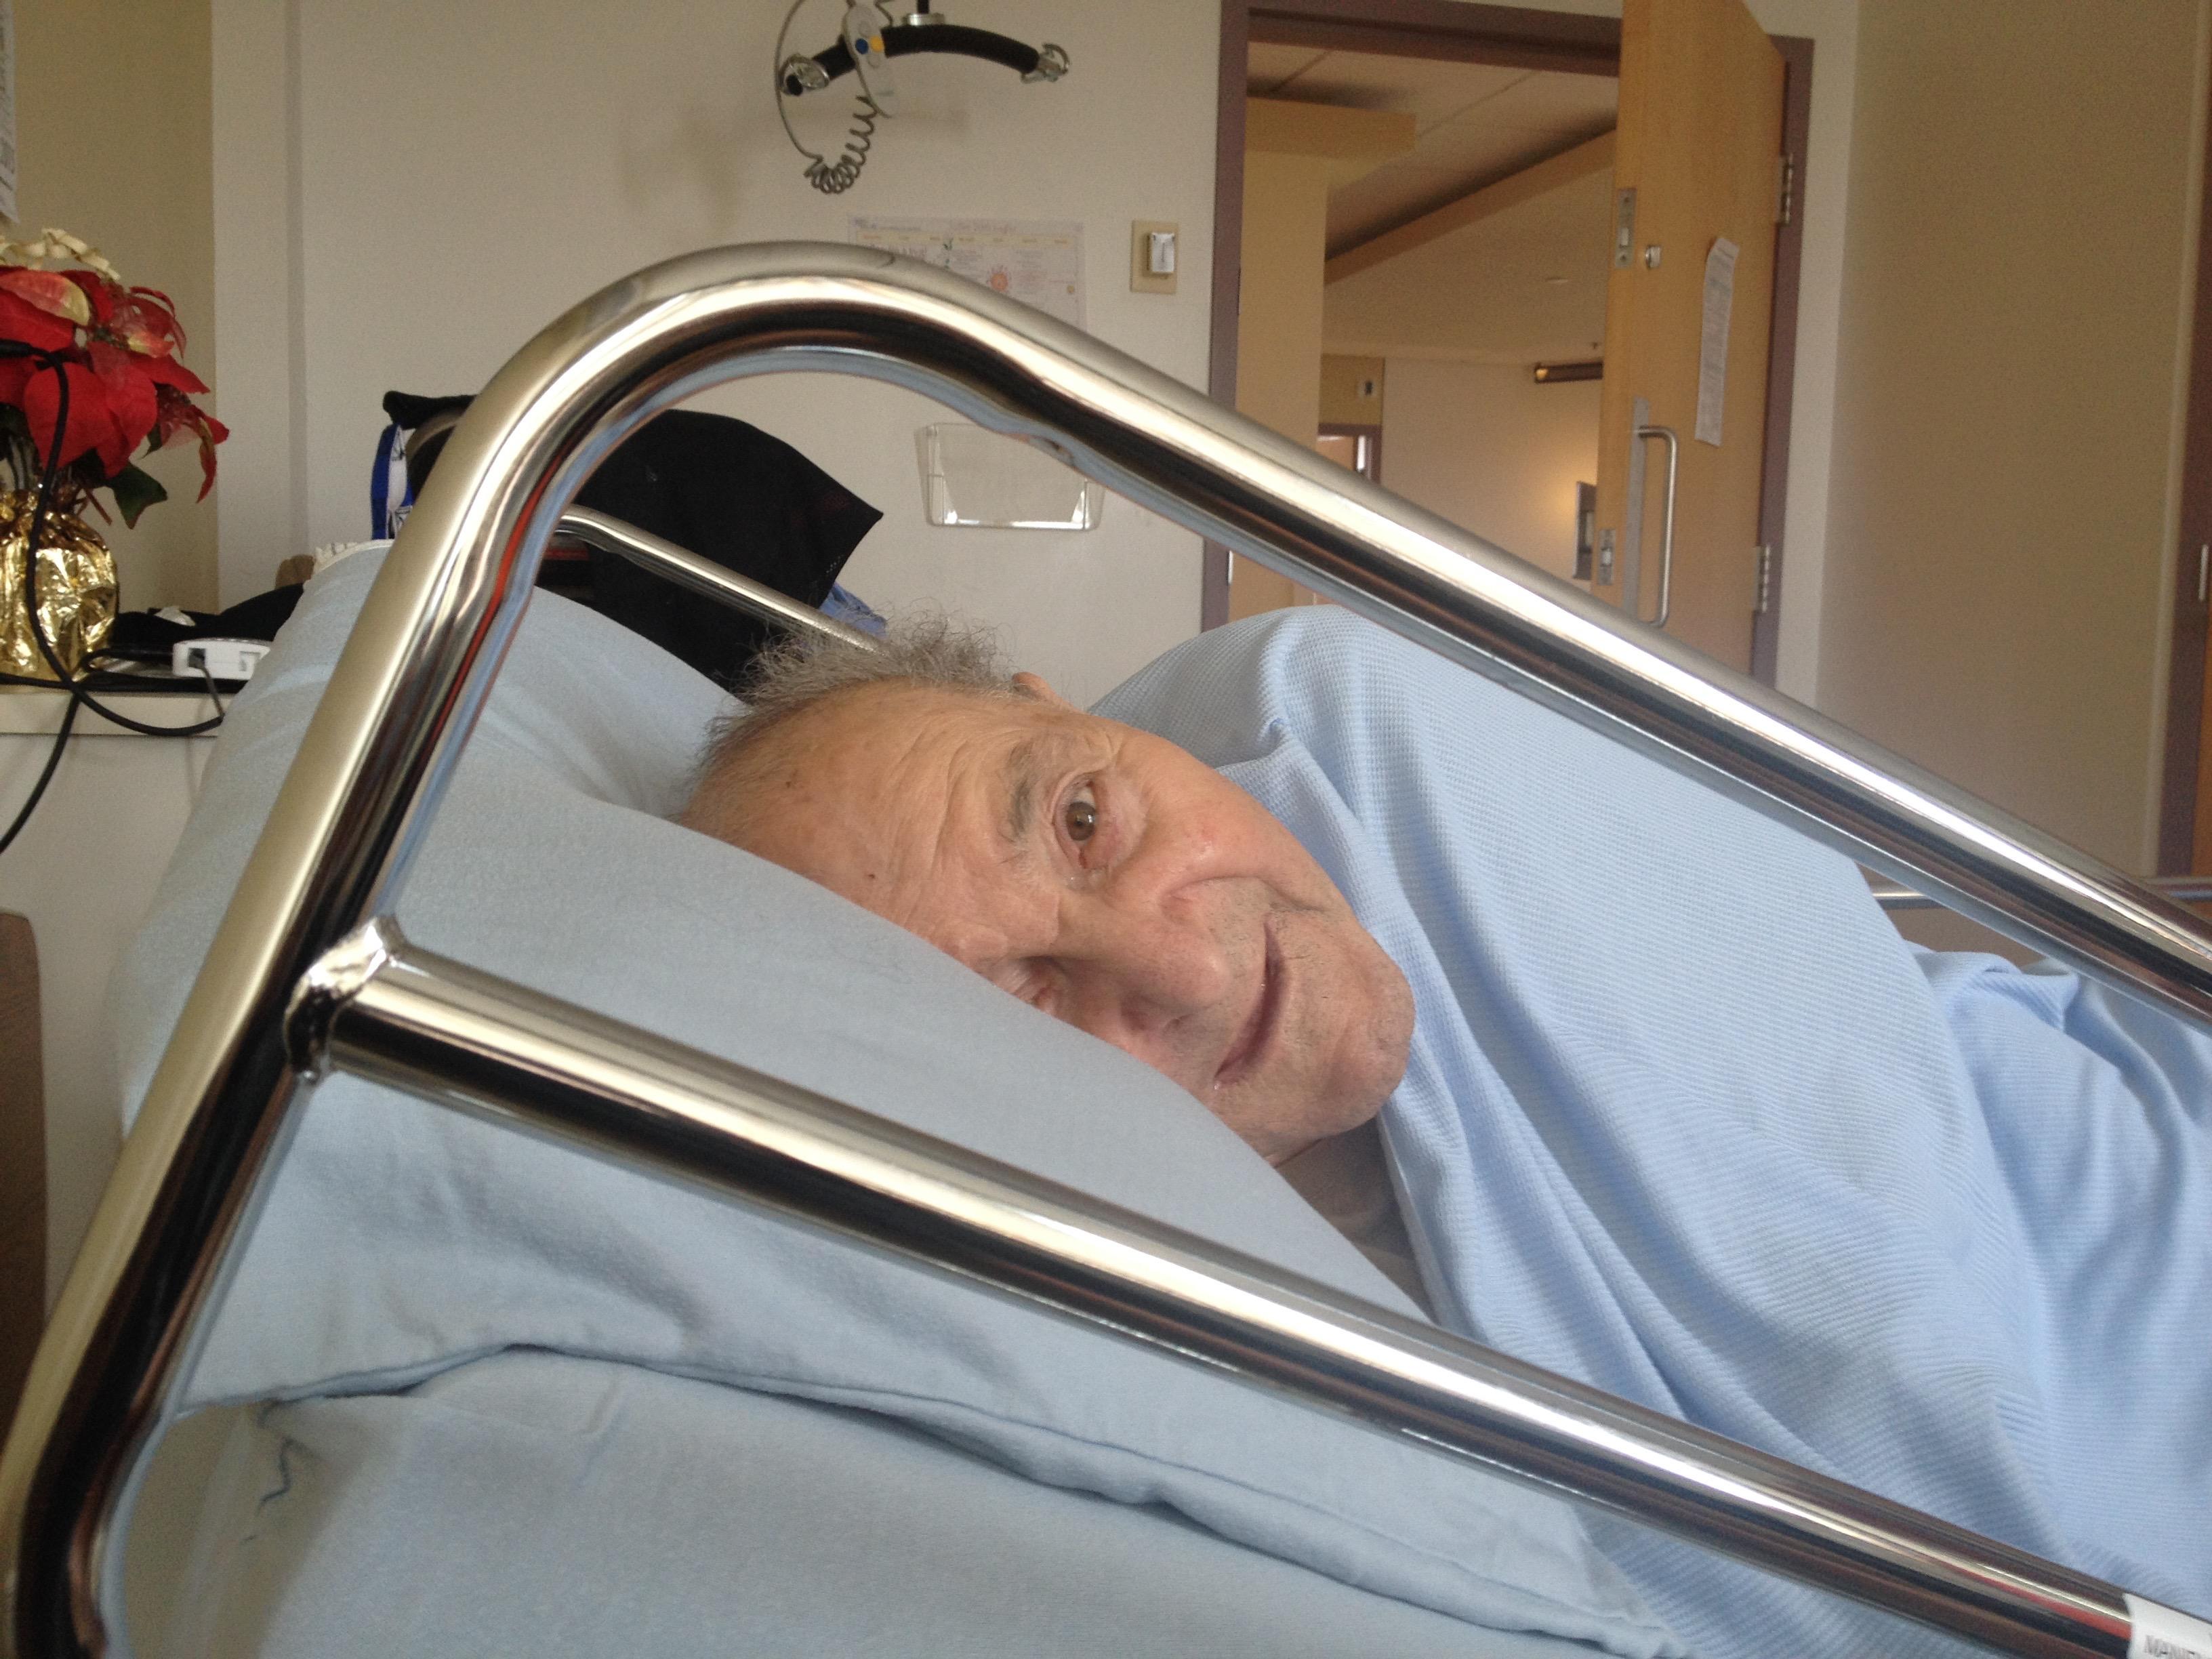 et comment d sirez vous mourir monsieur psychospeak with dr z. Black Bedroom Furniture Sets. Home Design Ideas